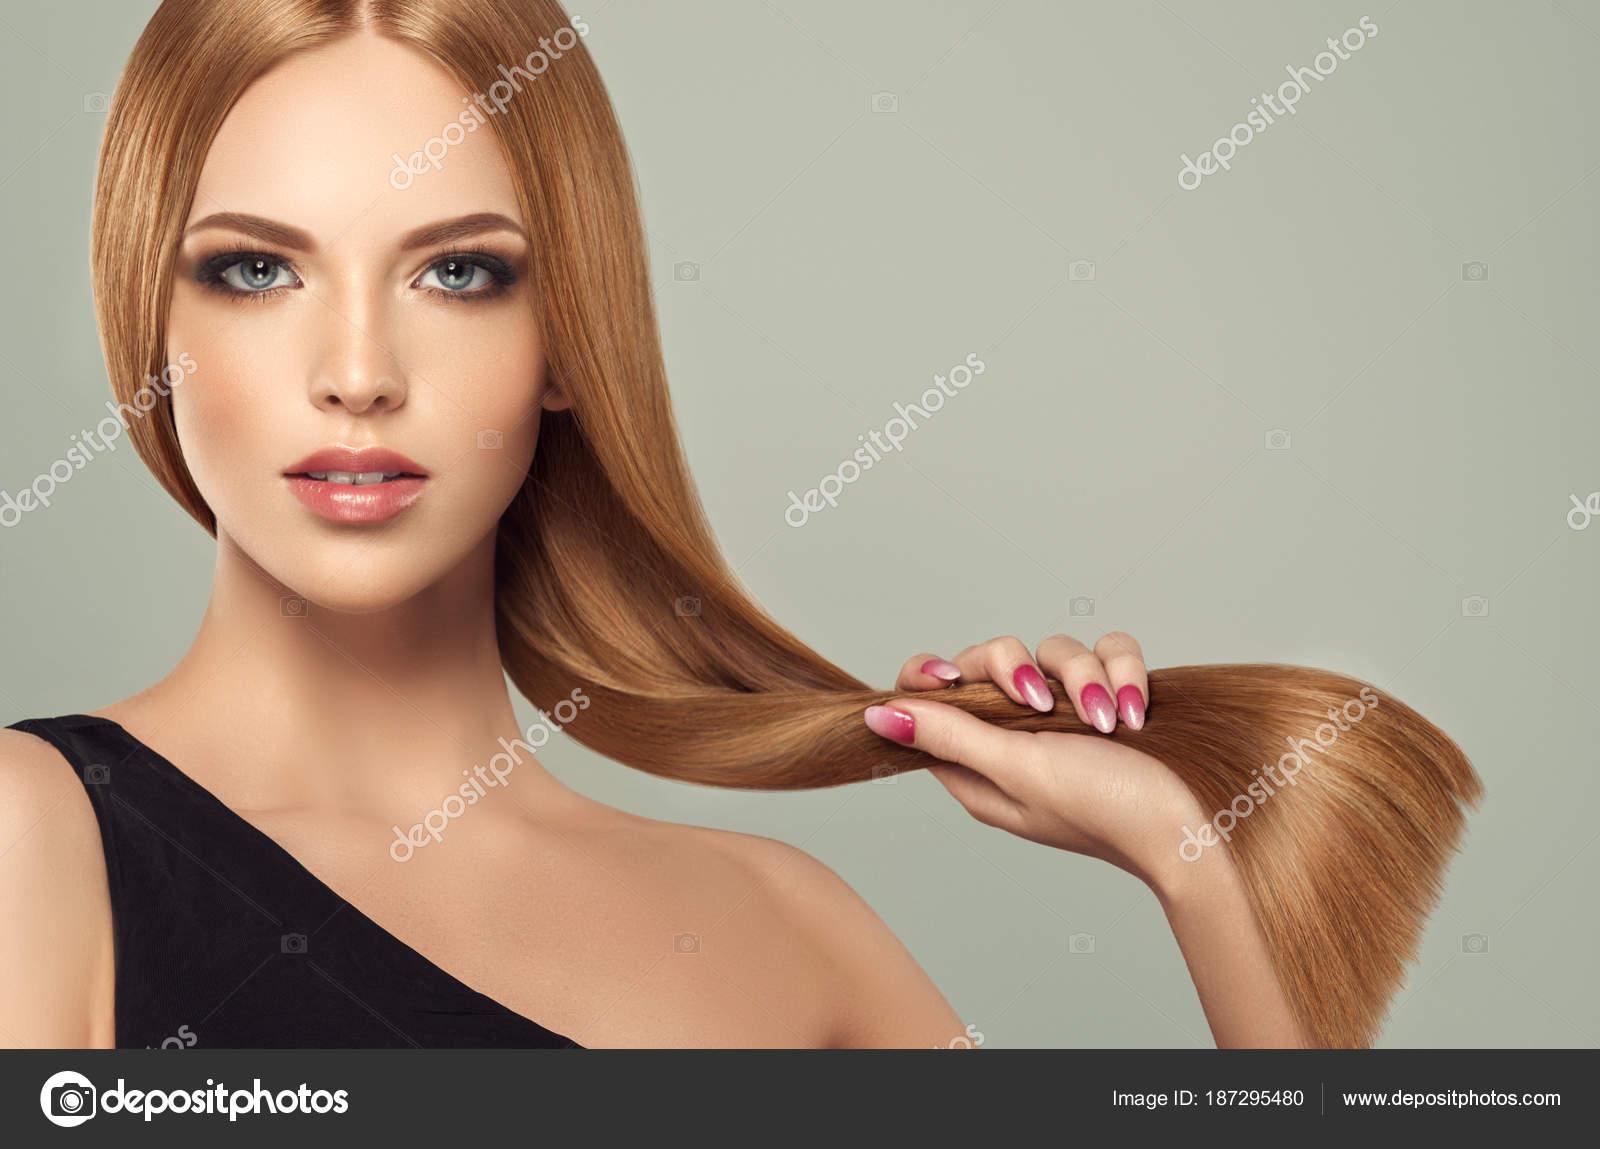 Frisuren halblange haare braun